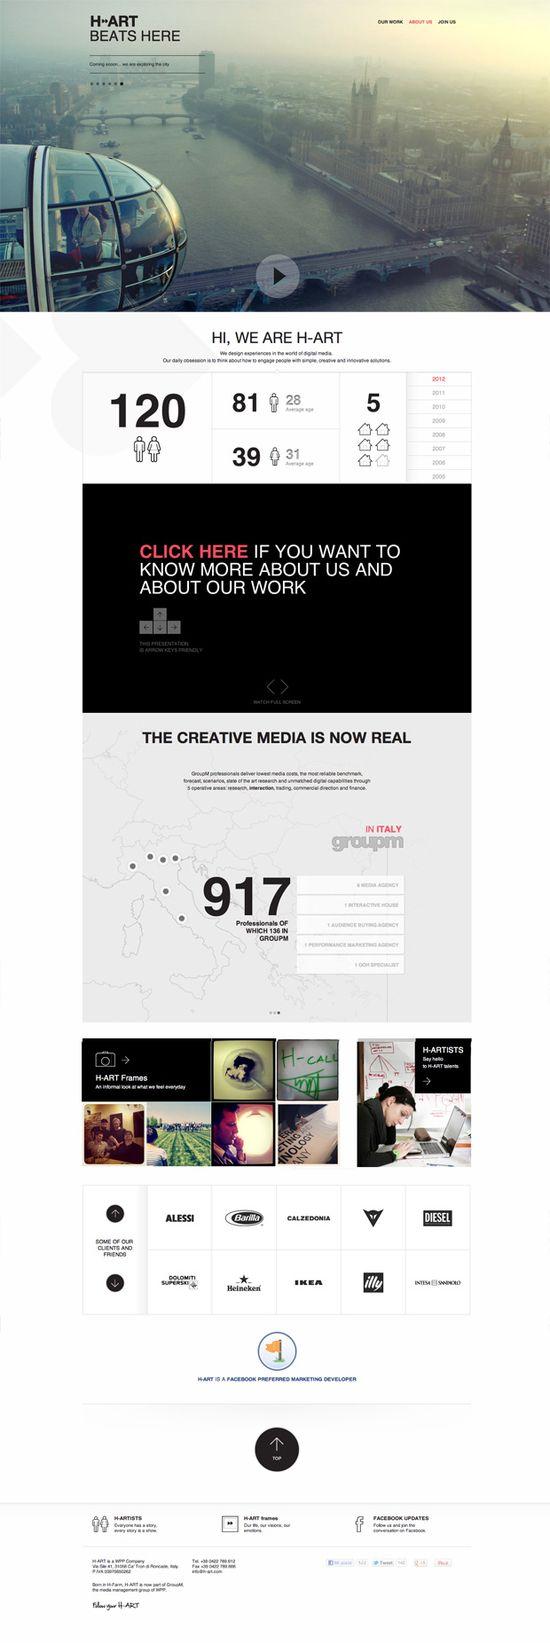 H-Art website